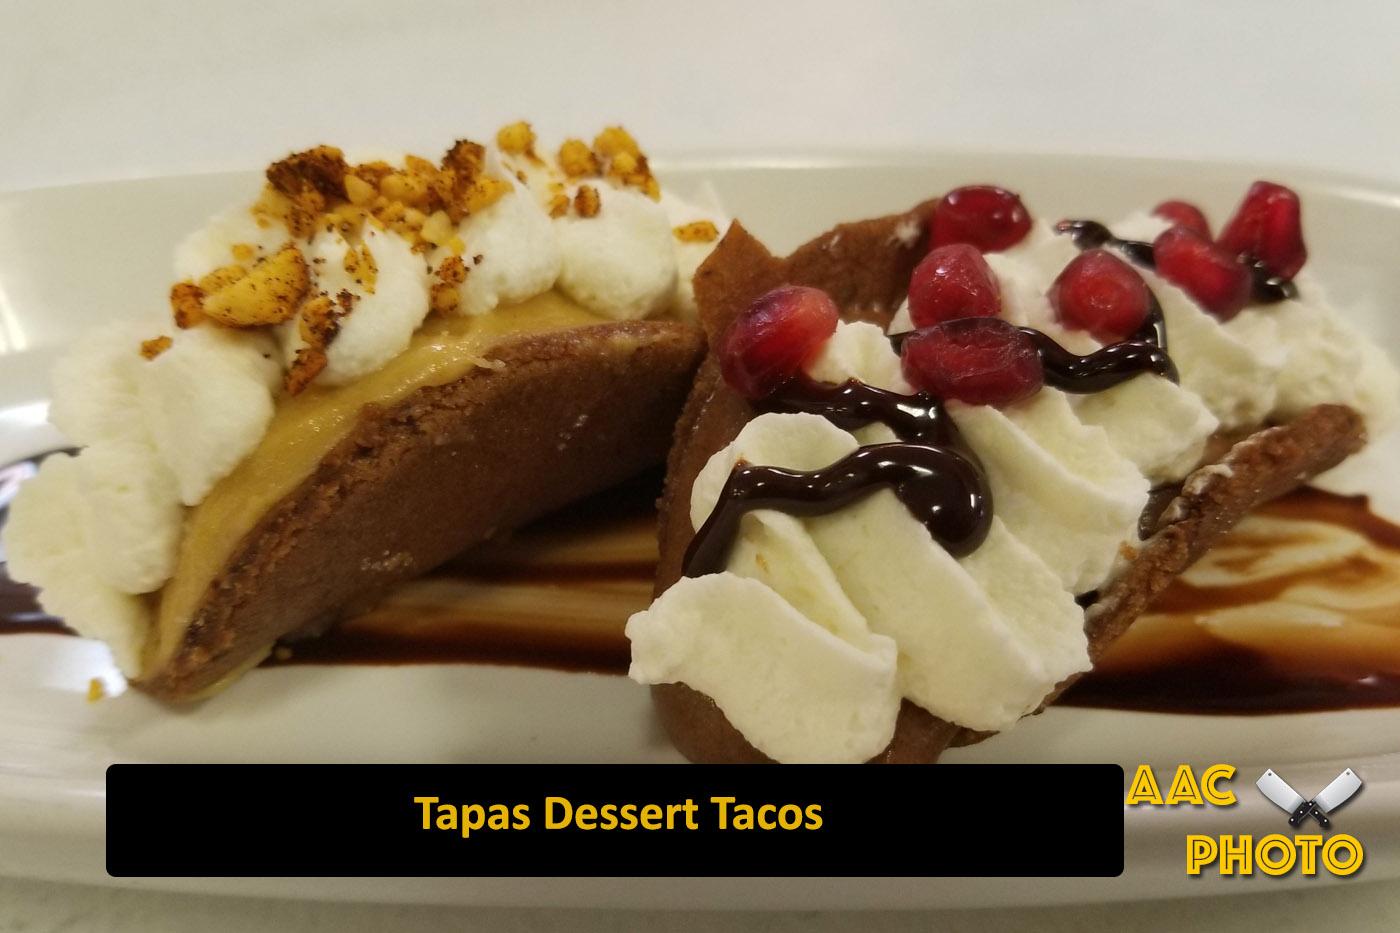 Tapas Dessert Tacos